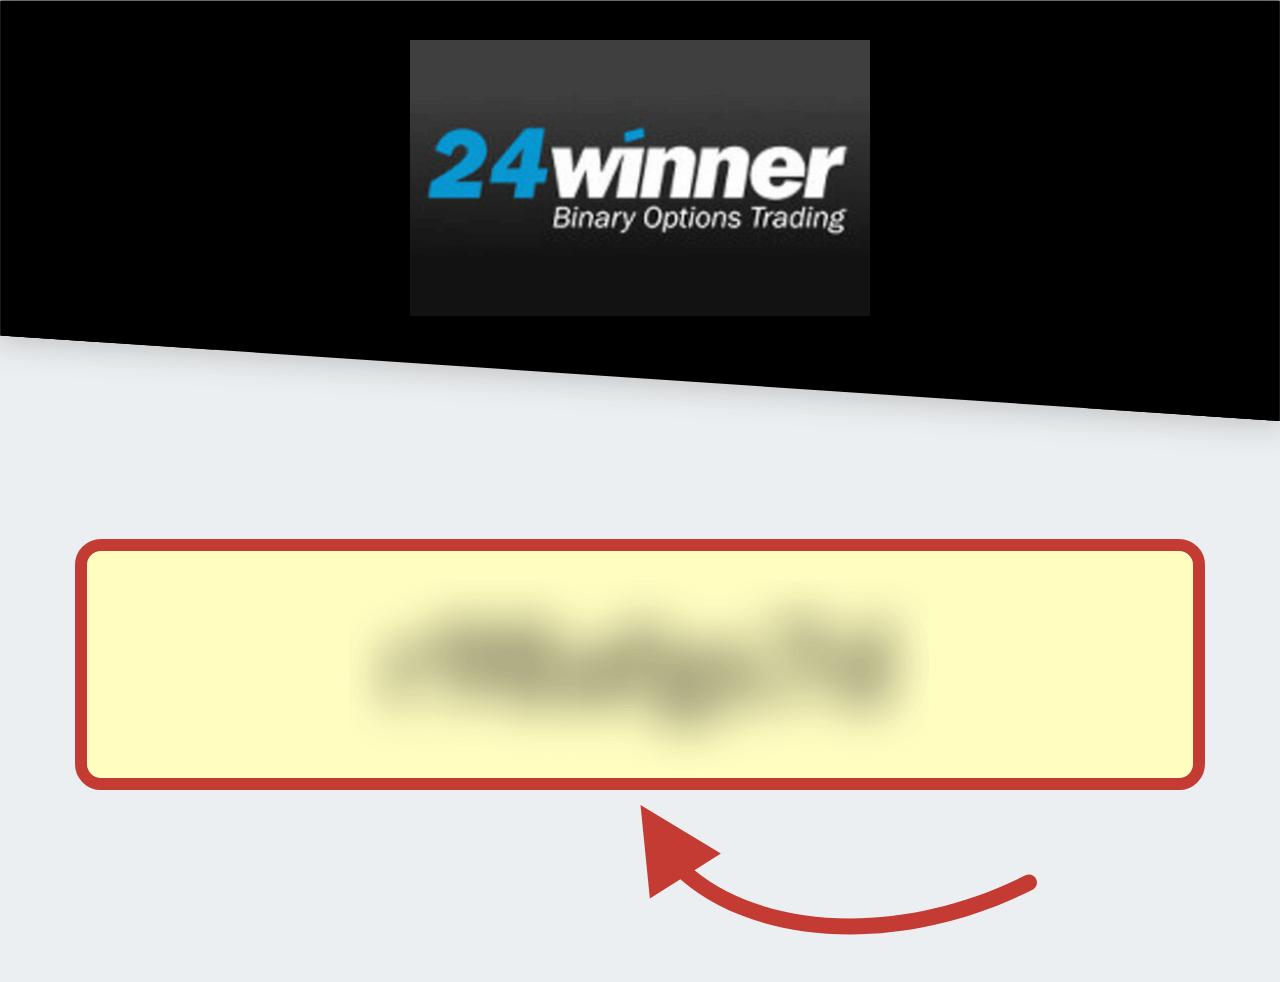 24 Winner